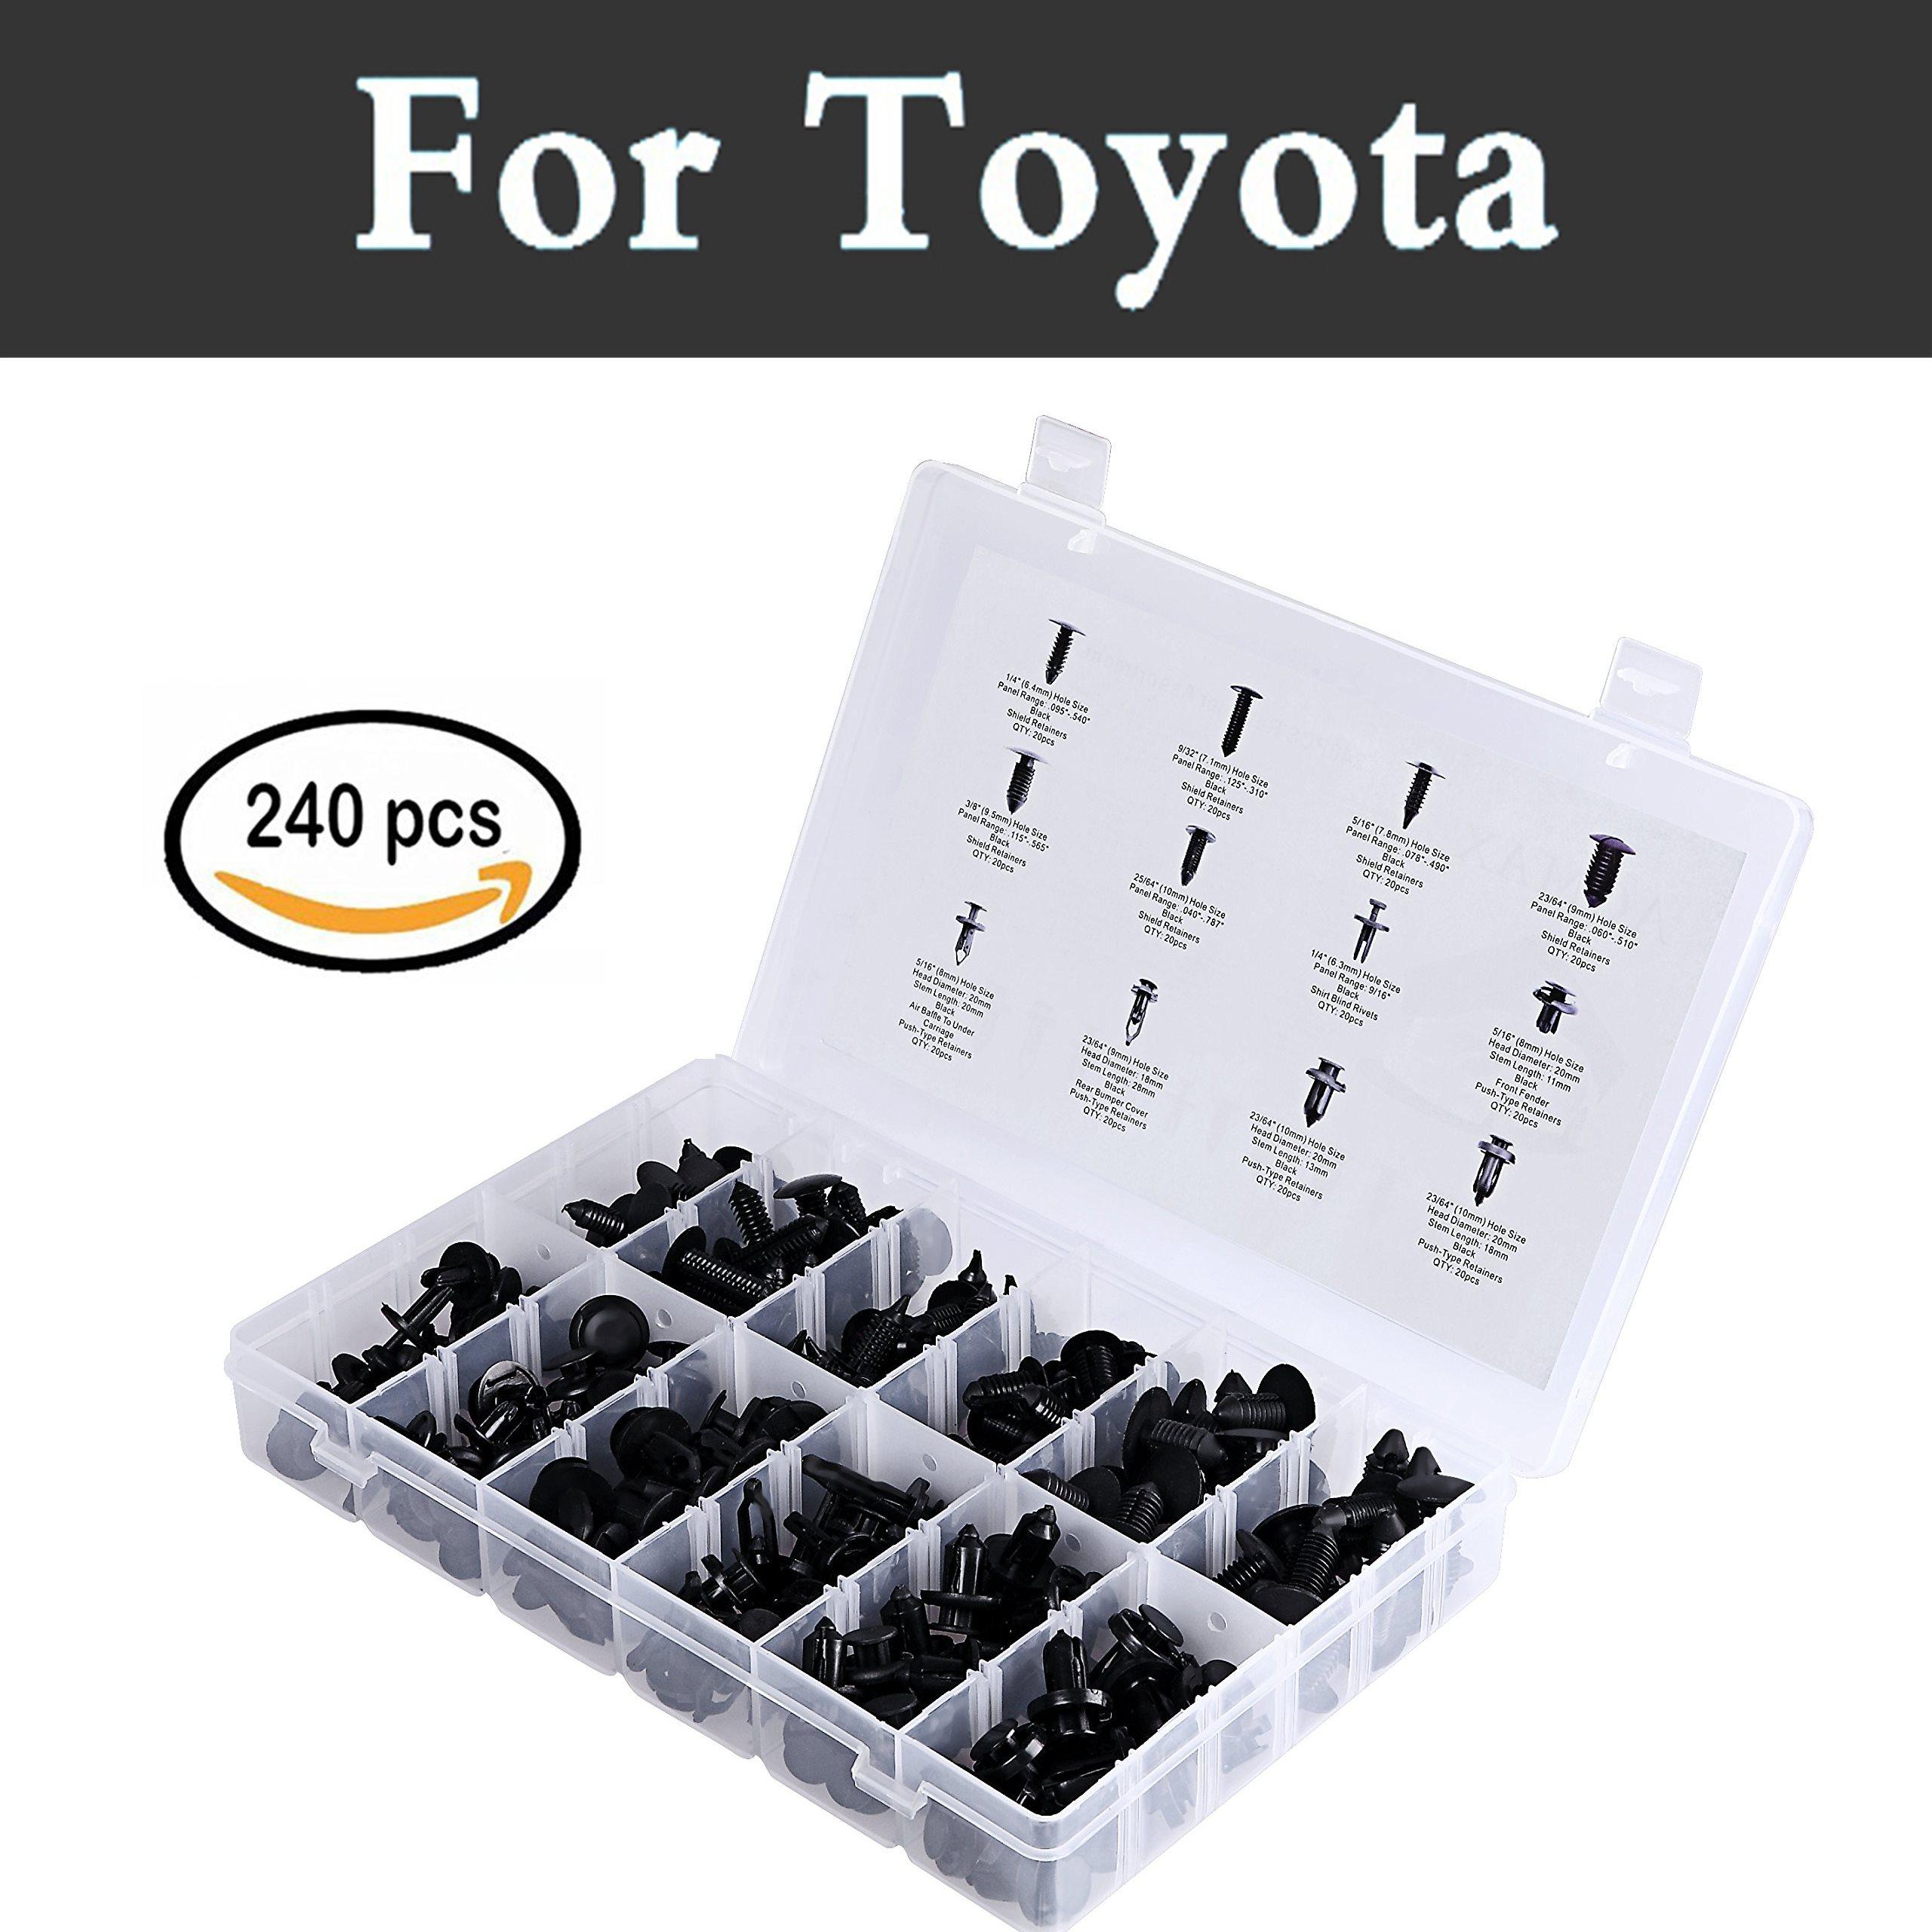 240 Uds. Extractor de surtido de sujetadores de presión remaches negros para Toyota Vios Vitz Will Cypha Windom Yaris Highlander Auto Styling